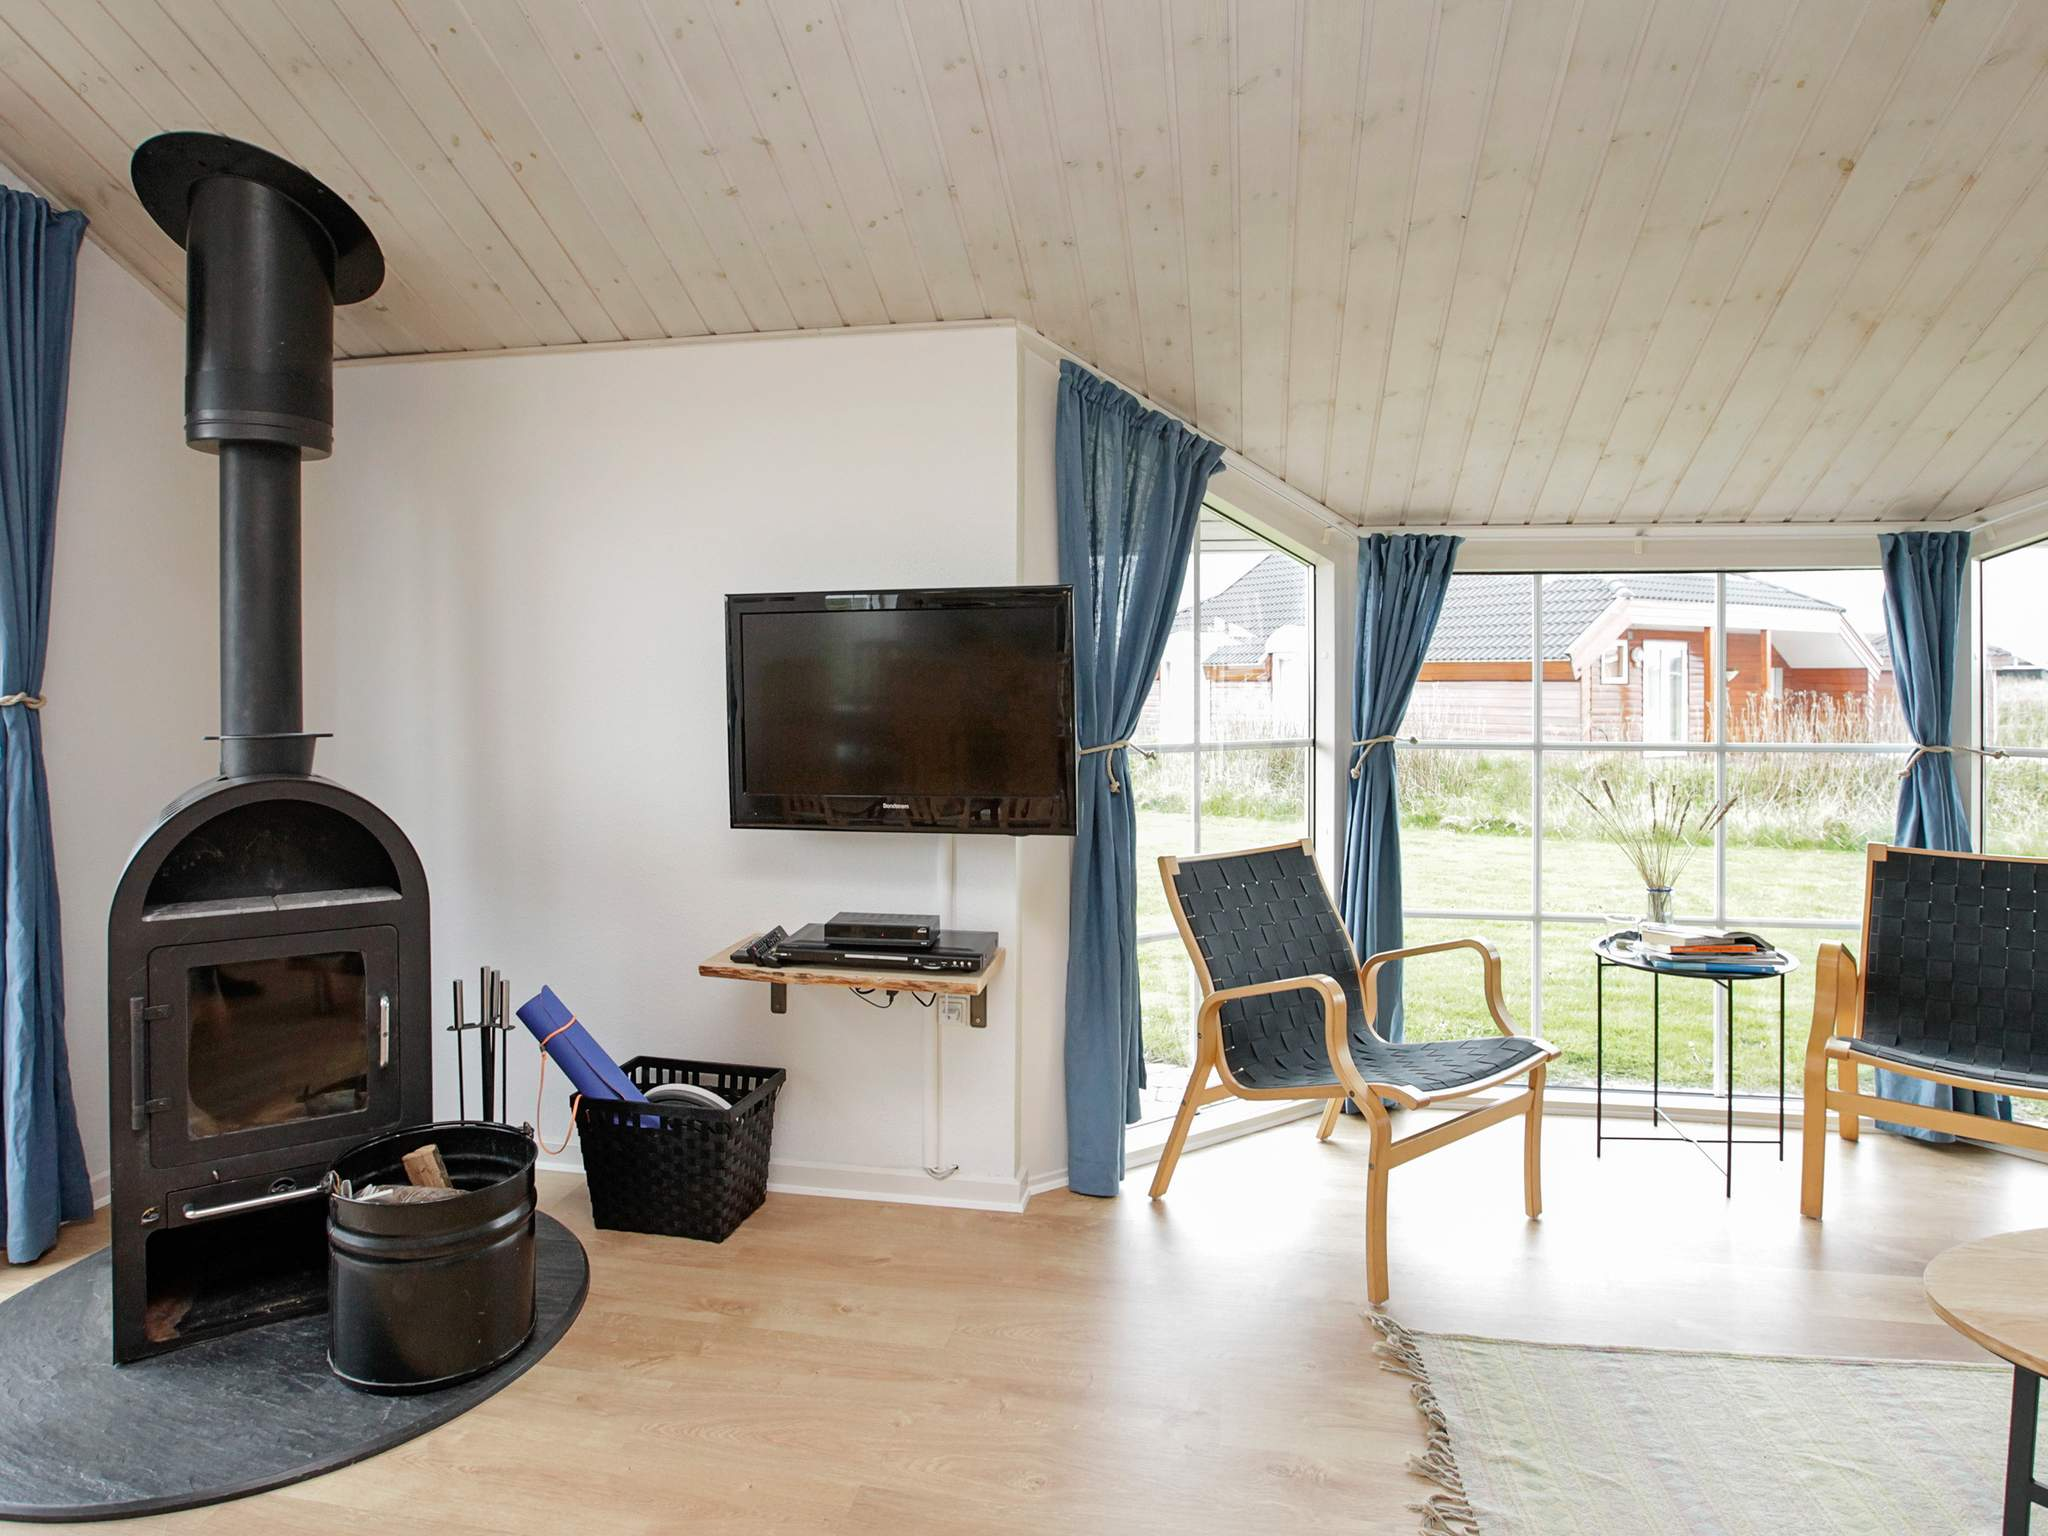 Ferienhaus Løkken (84081), Løkken, , Nordwestjütland, Dänemark, Bild 6